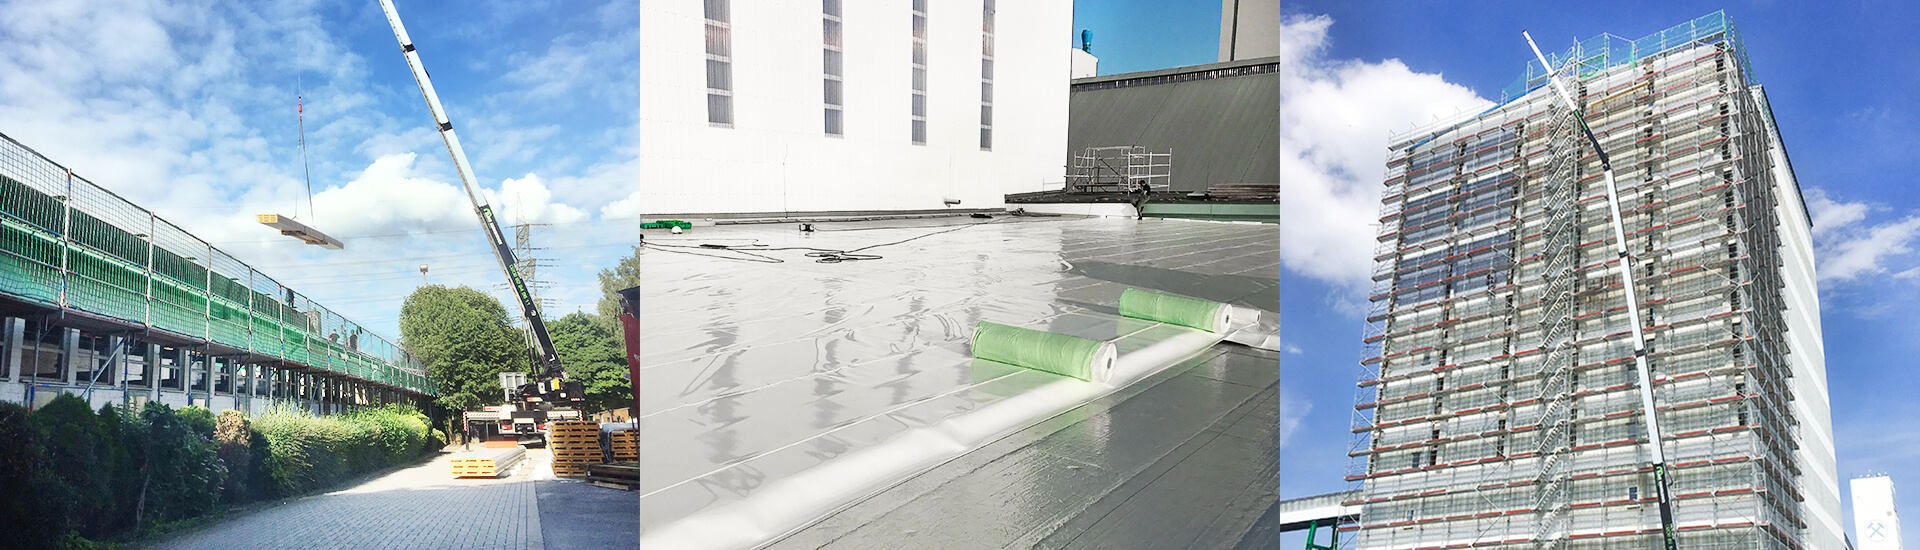 Referenzen für Dächer und Fassadenverkleidungen